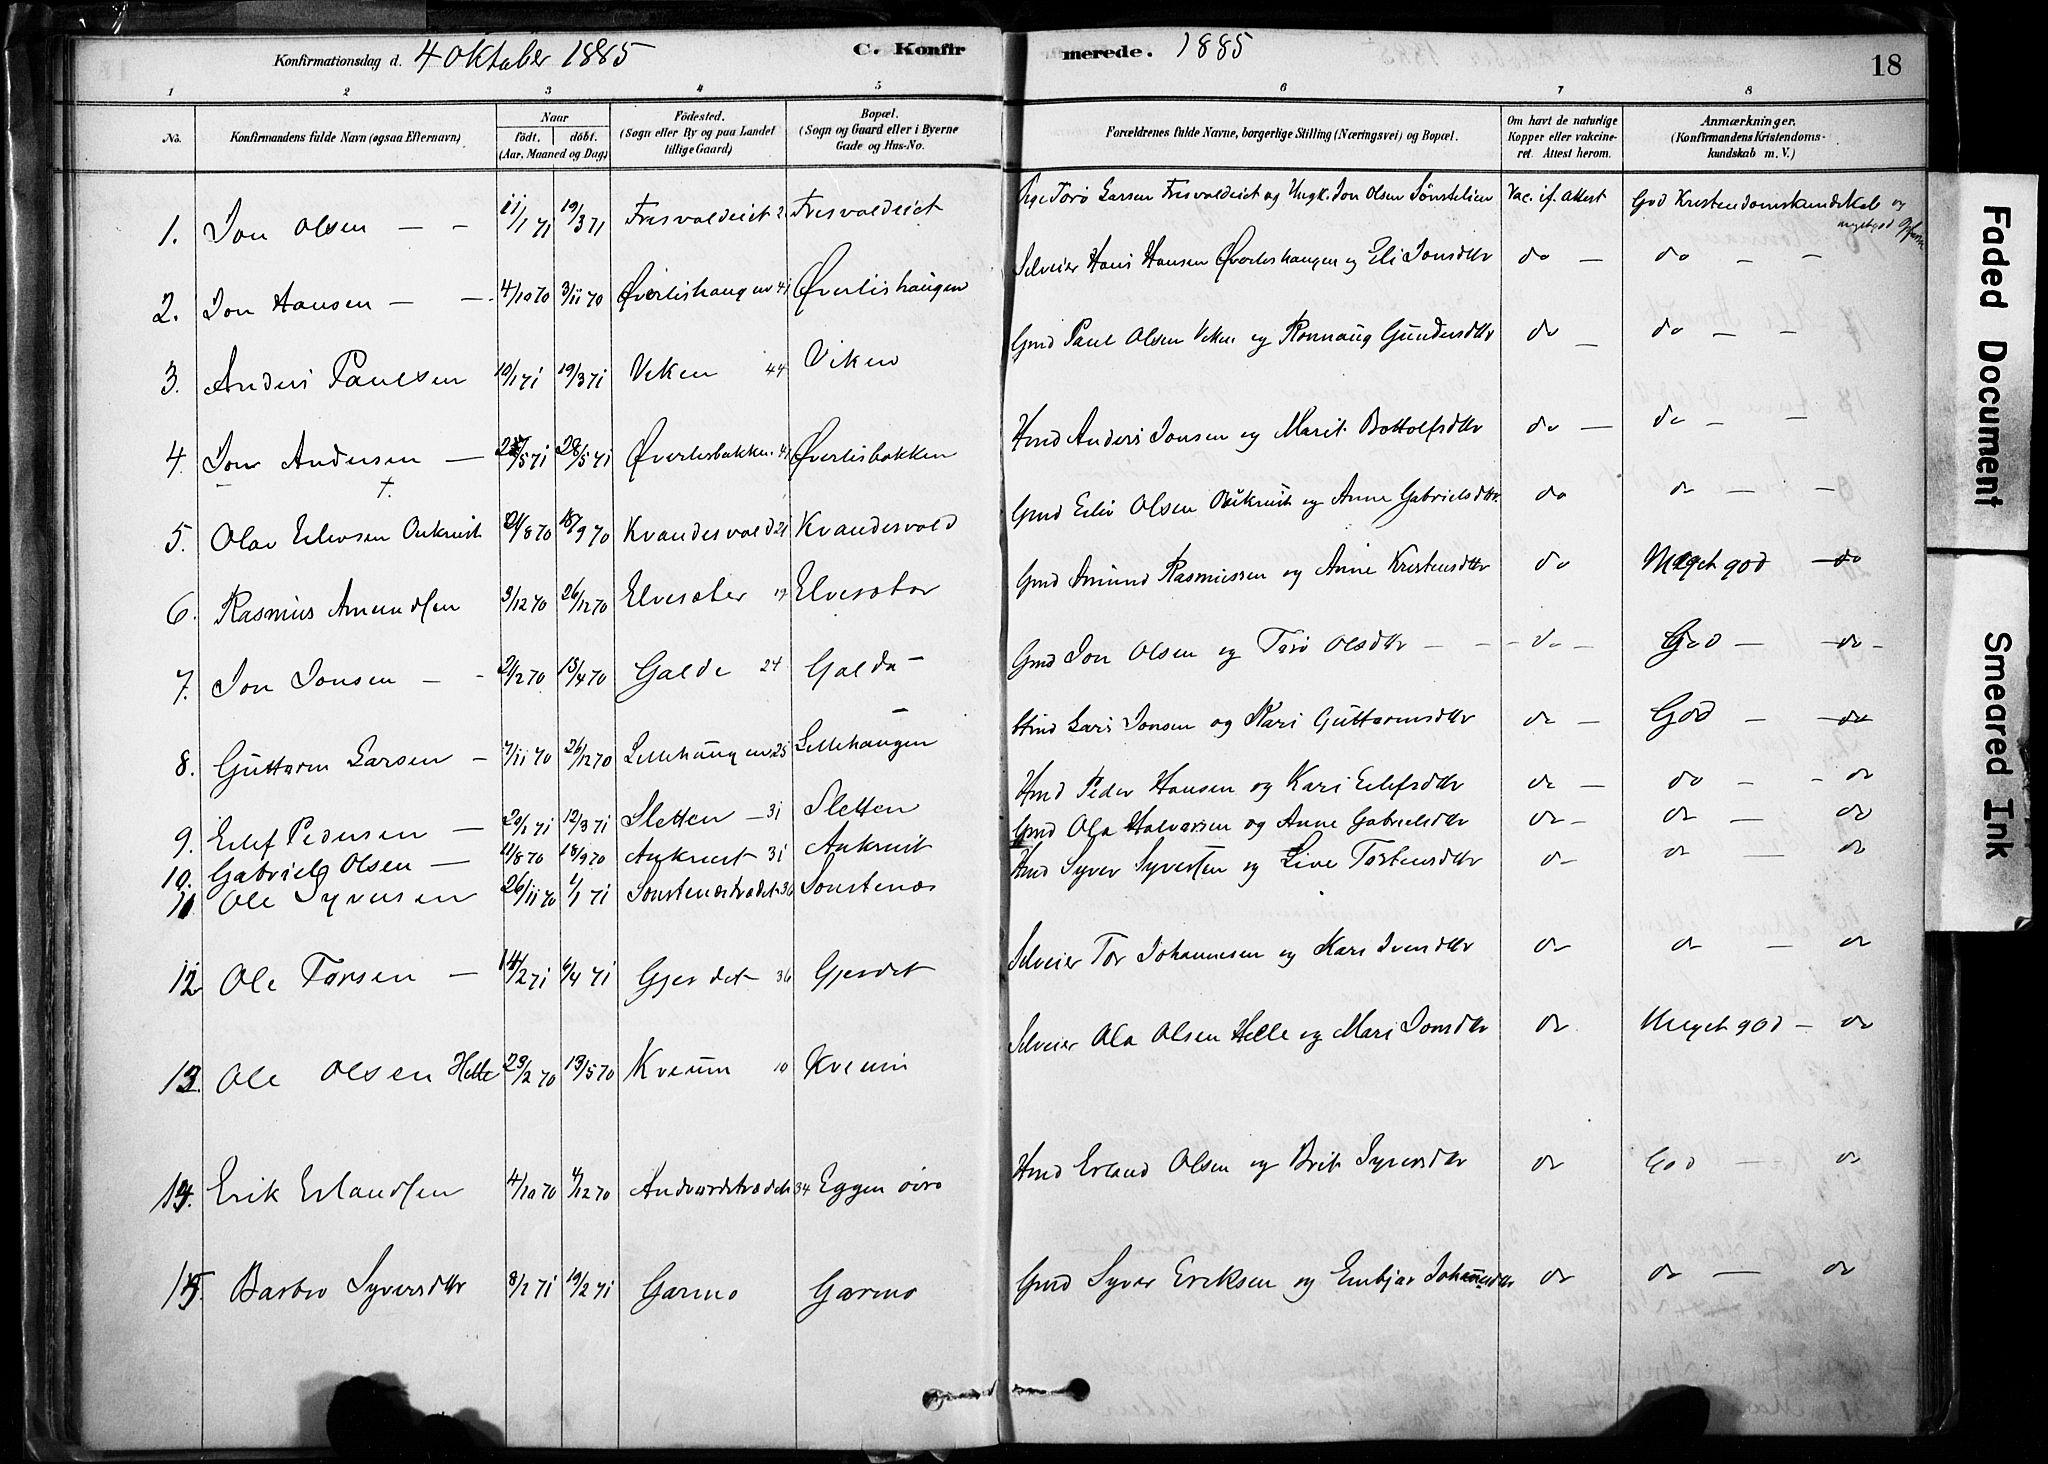 SAH, Lom prestekontor, K/L0009: Ministerialbok nr. 9, 1878-1907, s. 18